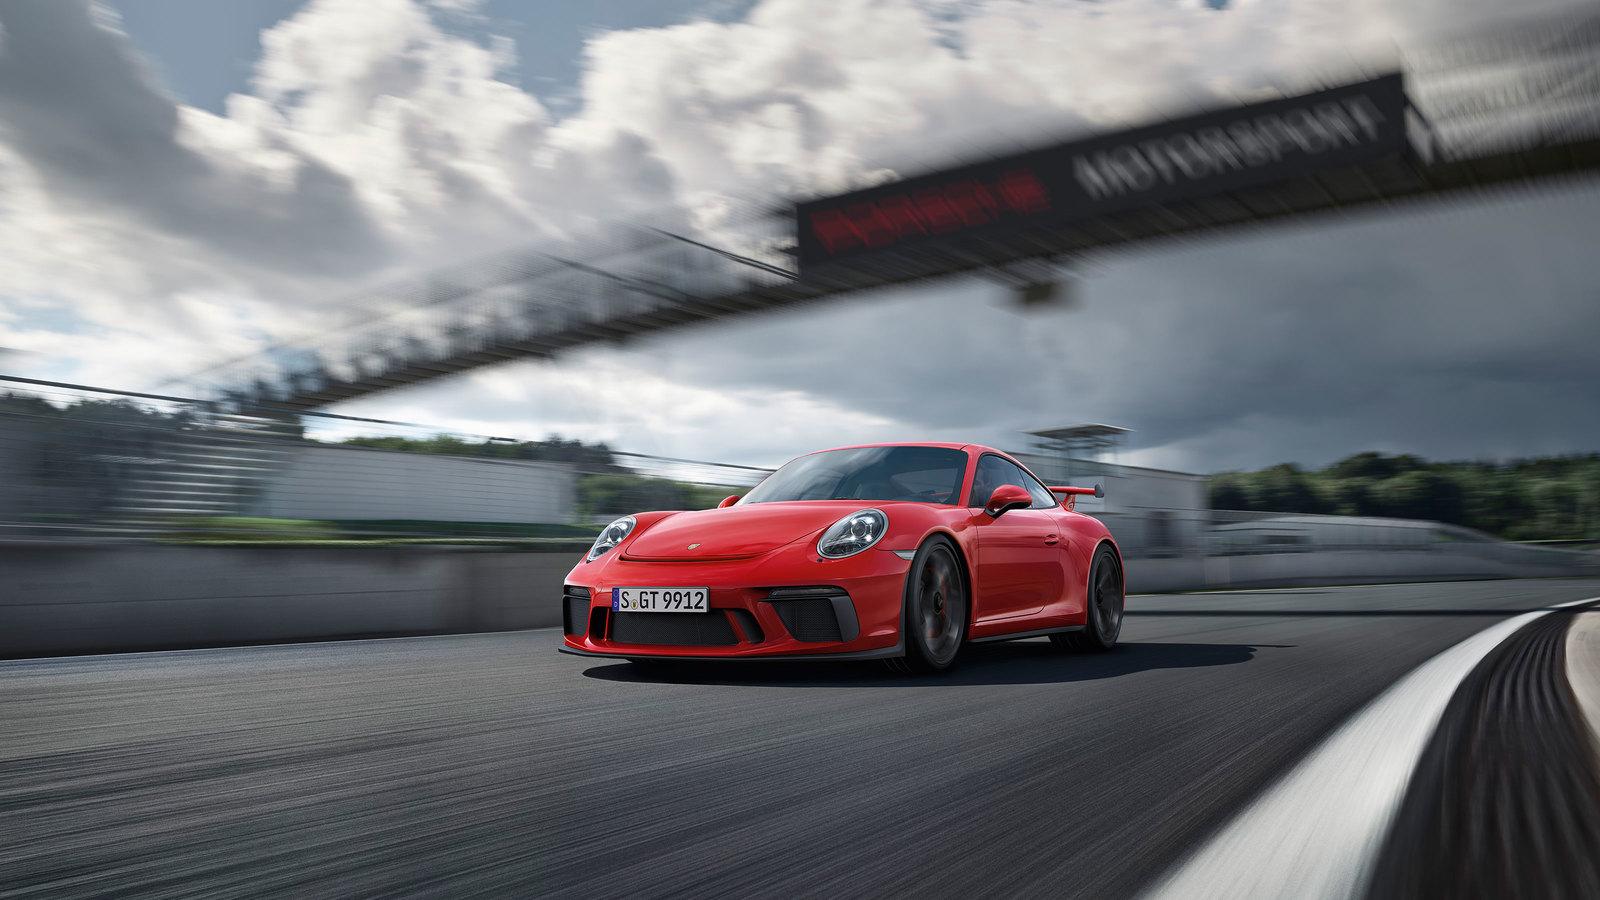 Porsche gt3 991.2 manual